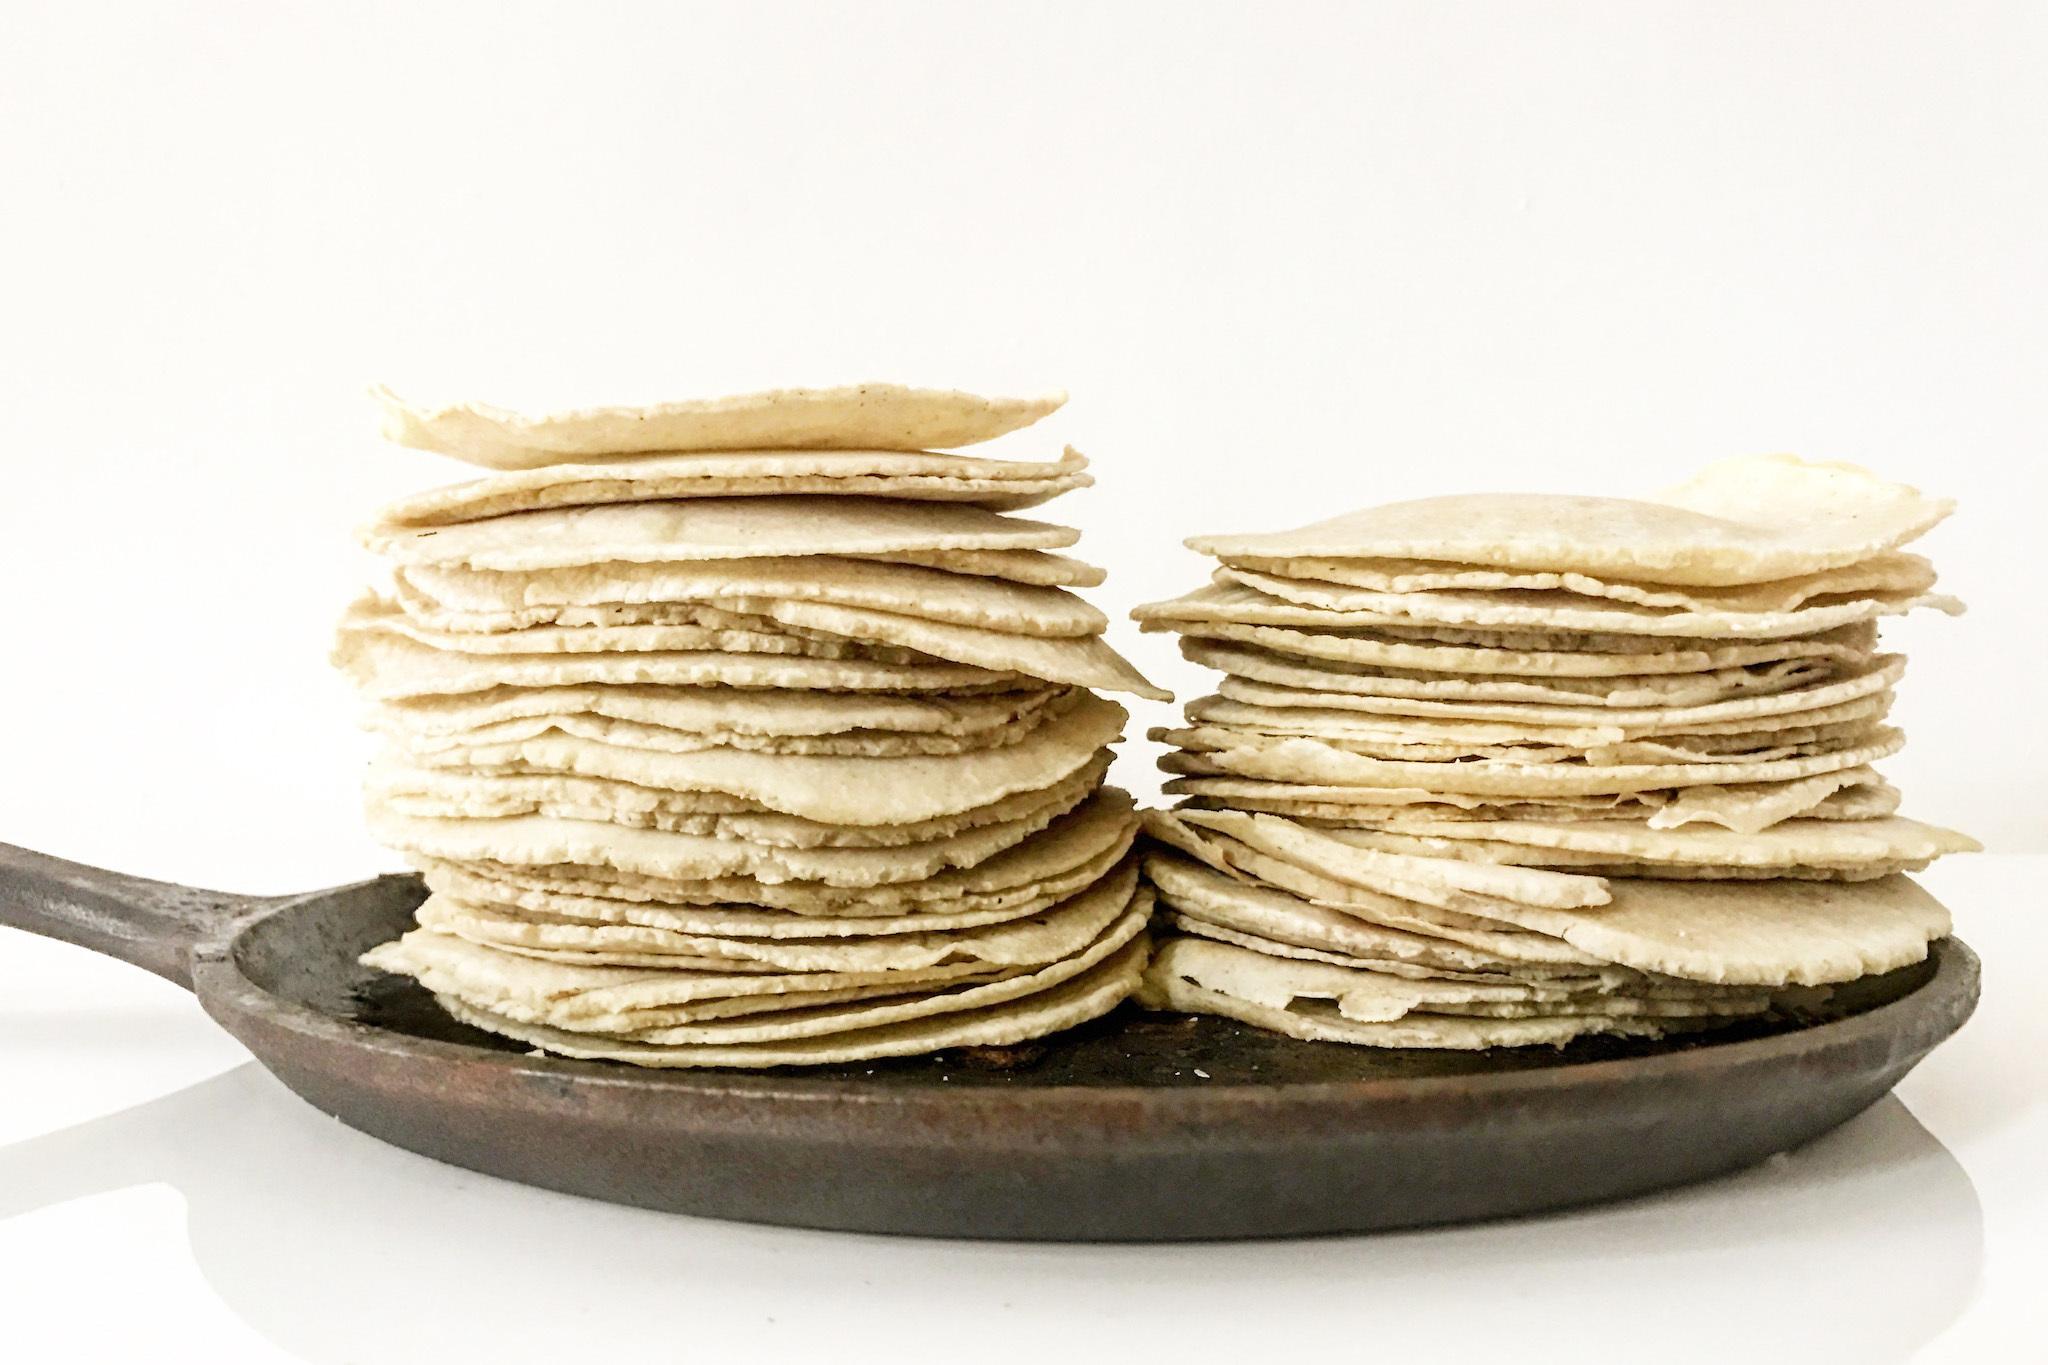 Tortillas from El Merkury, a Guatemalan pop-up restaurant in Philadelphia